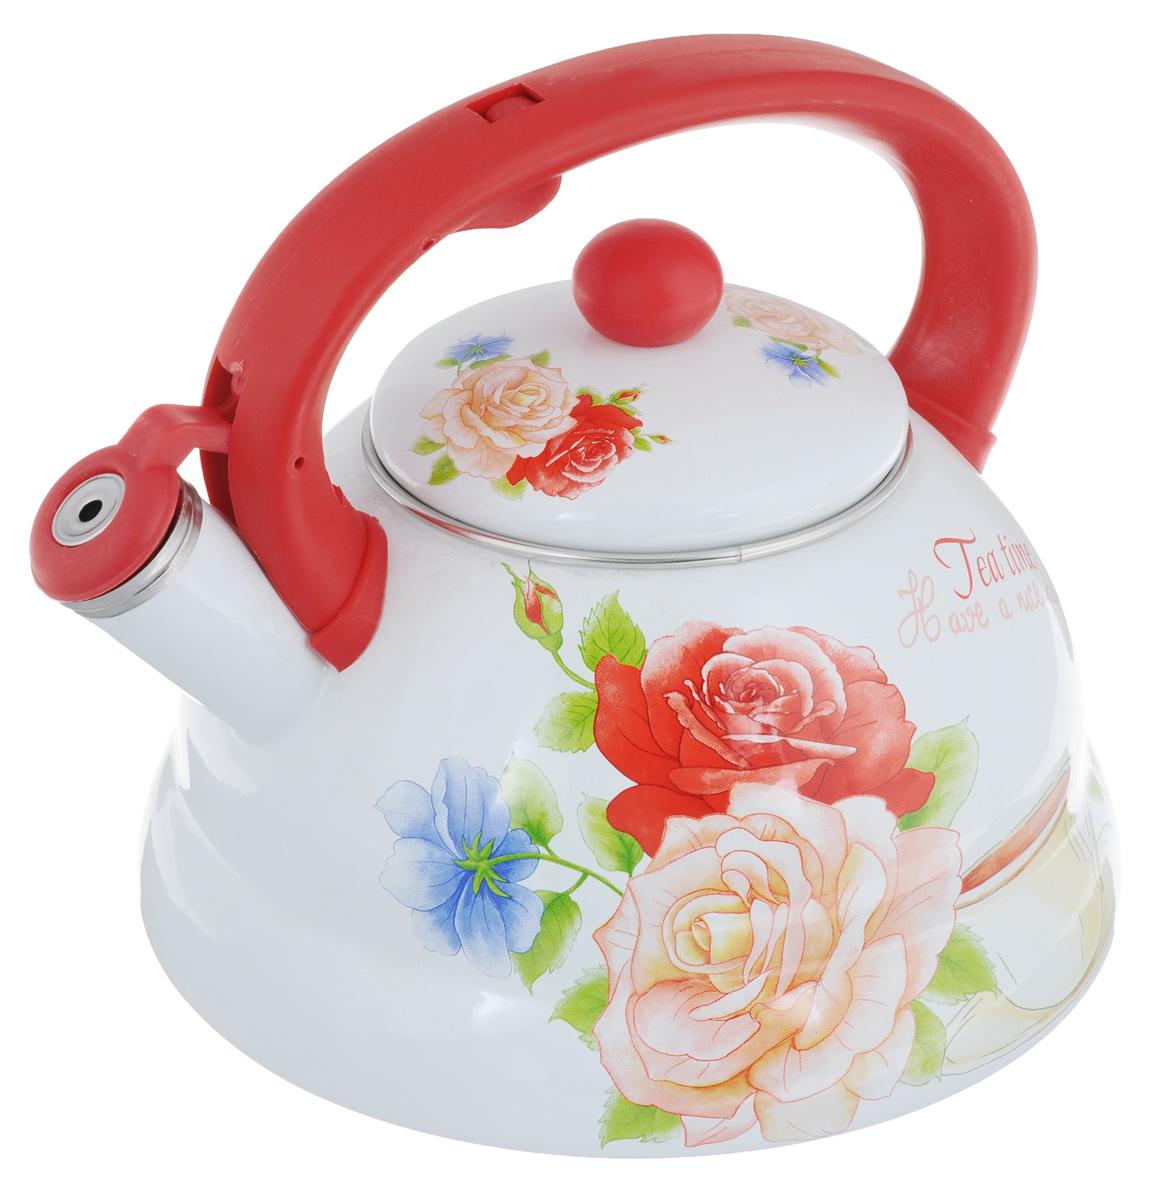 Чайник эмалированный Mayer & Boch Розы, со свистком, 3 лCM000001328Чайник Mayer & Boch Розы выполнен из высококачественной углеродистой стали. Капсулированное дно с прослойкой из алюминия обеспечивает наилучшее распределение тепла. Носик чайника оснащен насадкой-свистком, что позволит вам контролировать процесс подогрева или кипячения воды. Фиксированная бакелитовая ручка дает дополнительное удобство при разлитии напитка. Поверхность чайника гладкая, что облегчает уход за ним.Эстетичный и функциональный, с эксклюзивным дизайном, чайник будет оригинально смотреться в любом интерьере. Подходит для всех типов плит, включая индукционные. Можно мыть в посудомоечной машине.Высота чайника (без учета ручки и крышки): 12 см. Высота чайника (с учетом ручки и крышки): 20 см Диаметр чайника (по верхнему краю): 12 см.